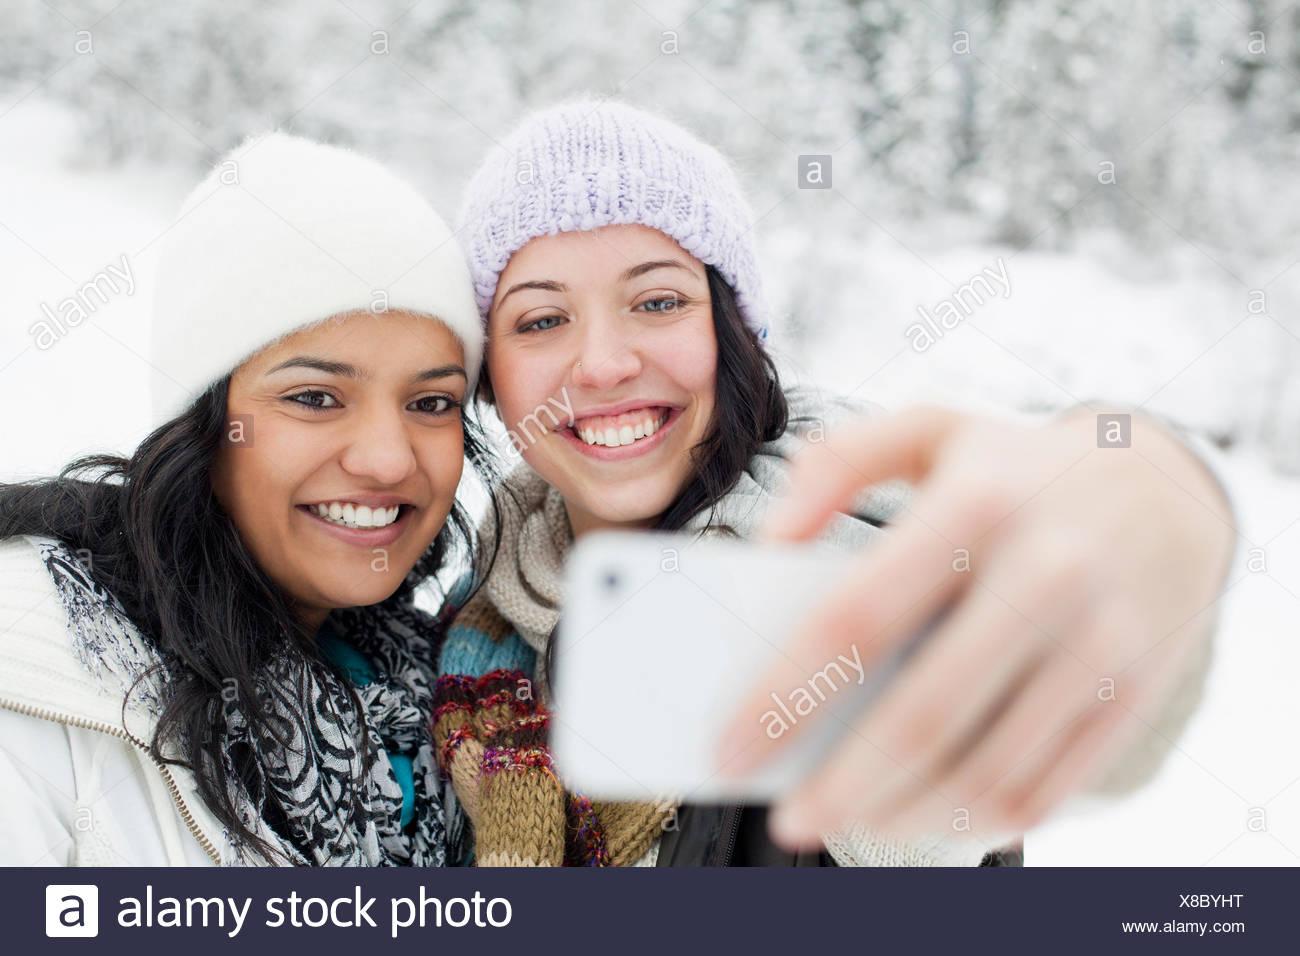 Auto-portraits dans la campagne enneigée Photo Stock